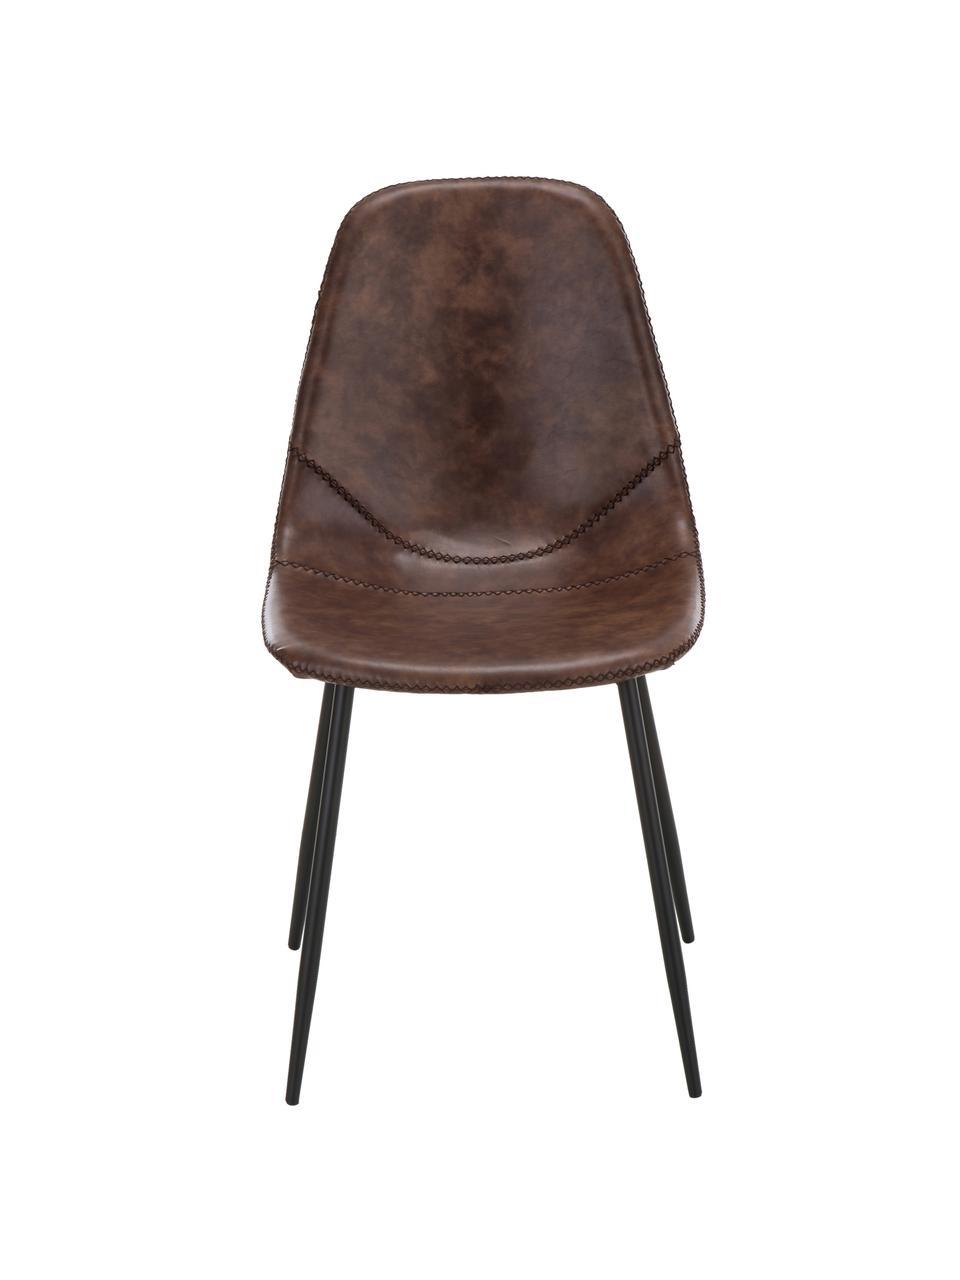 Krzesło tapicerowane ze sztucznej skóry  Linus, 2 szt., Tapicerka: sztuczna skóra (65% polie, Nogi: metal malowany proszkowo, Brązowy, S 41 x G 53 cm